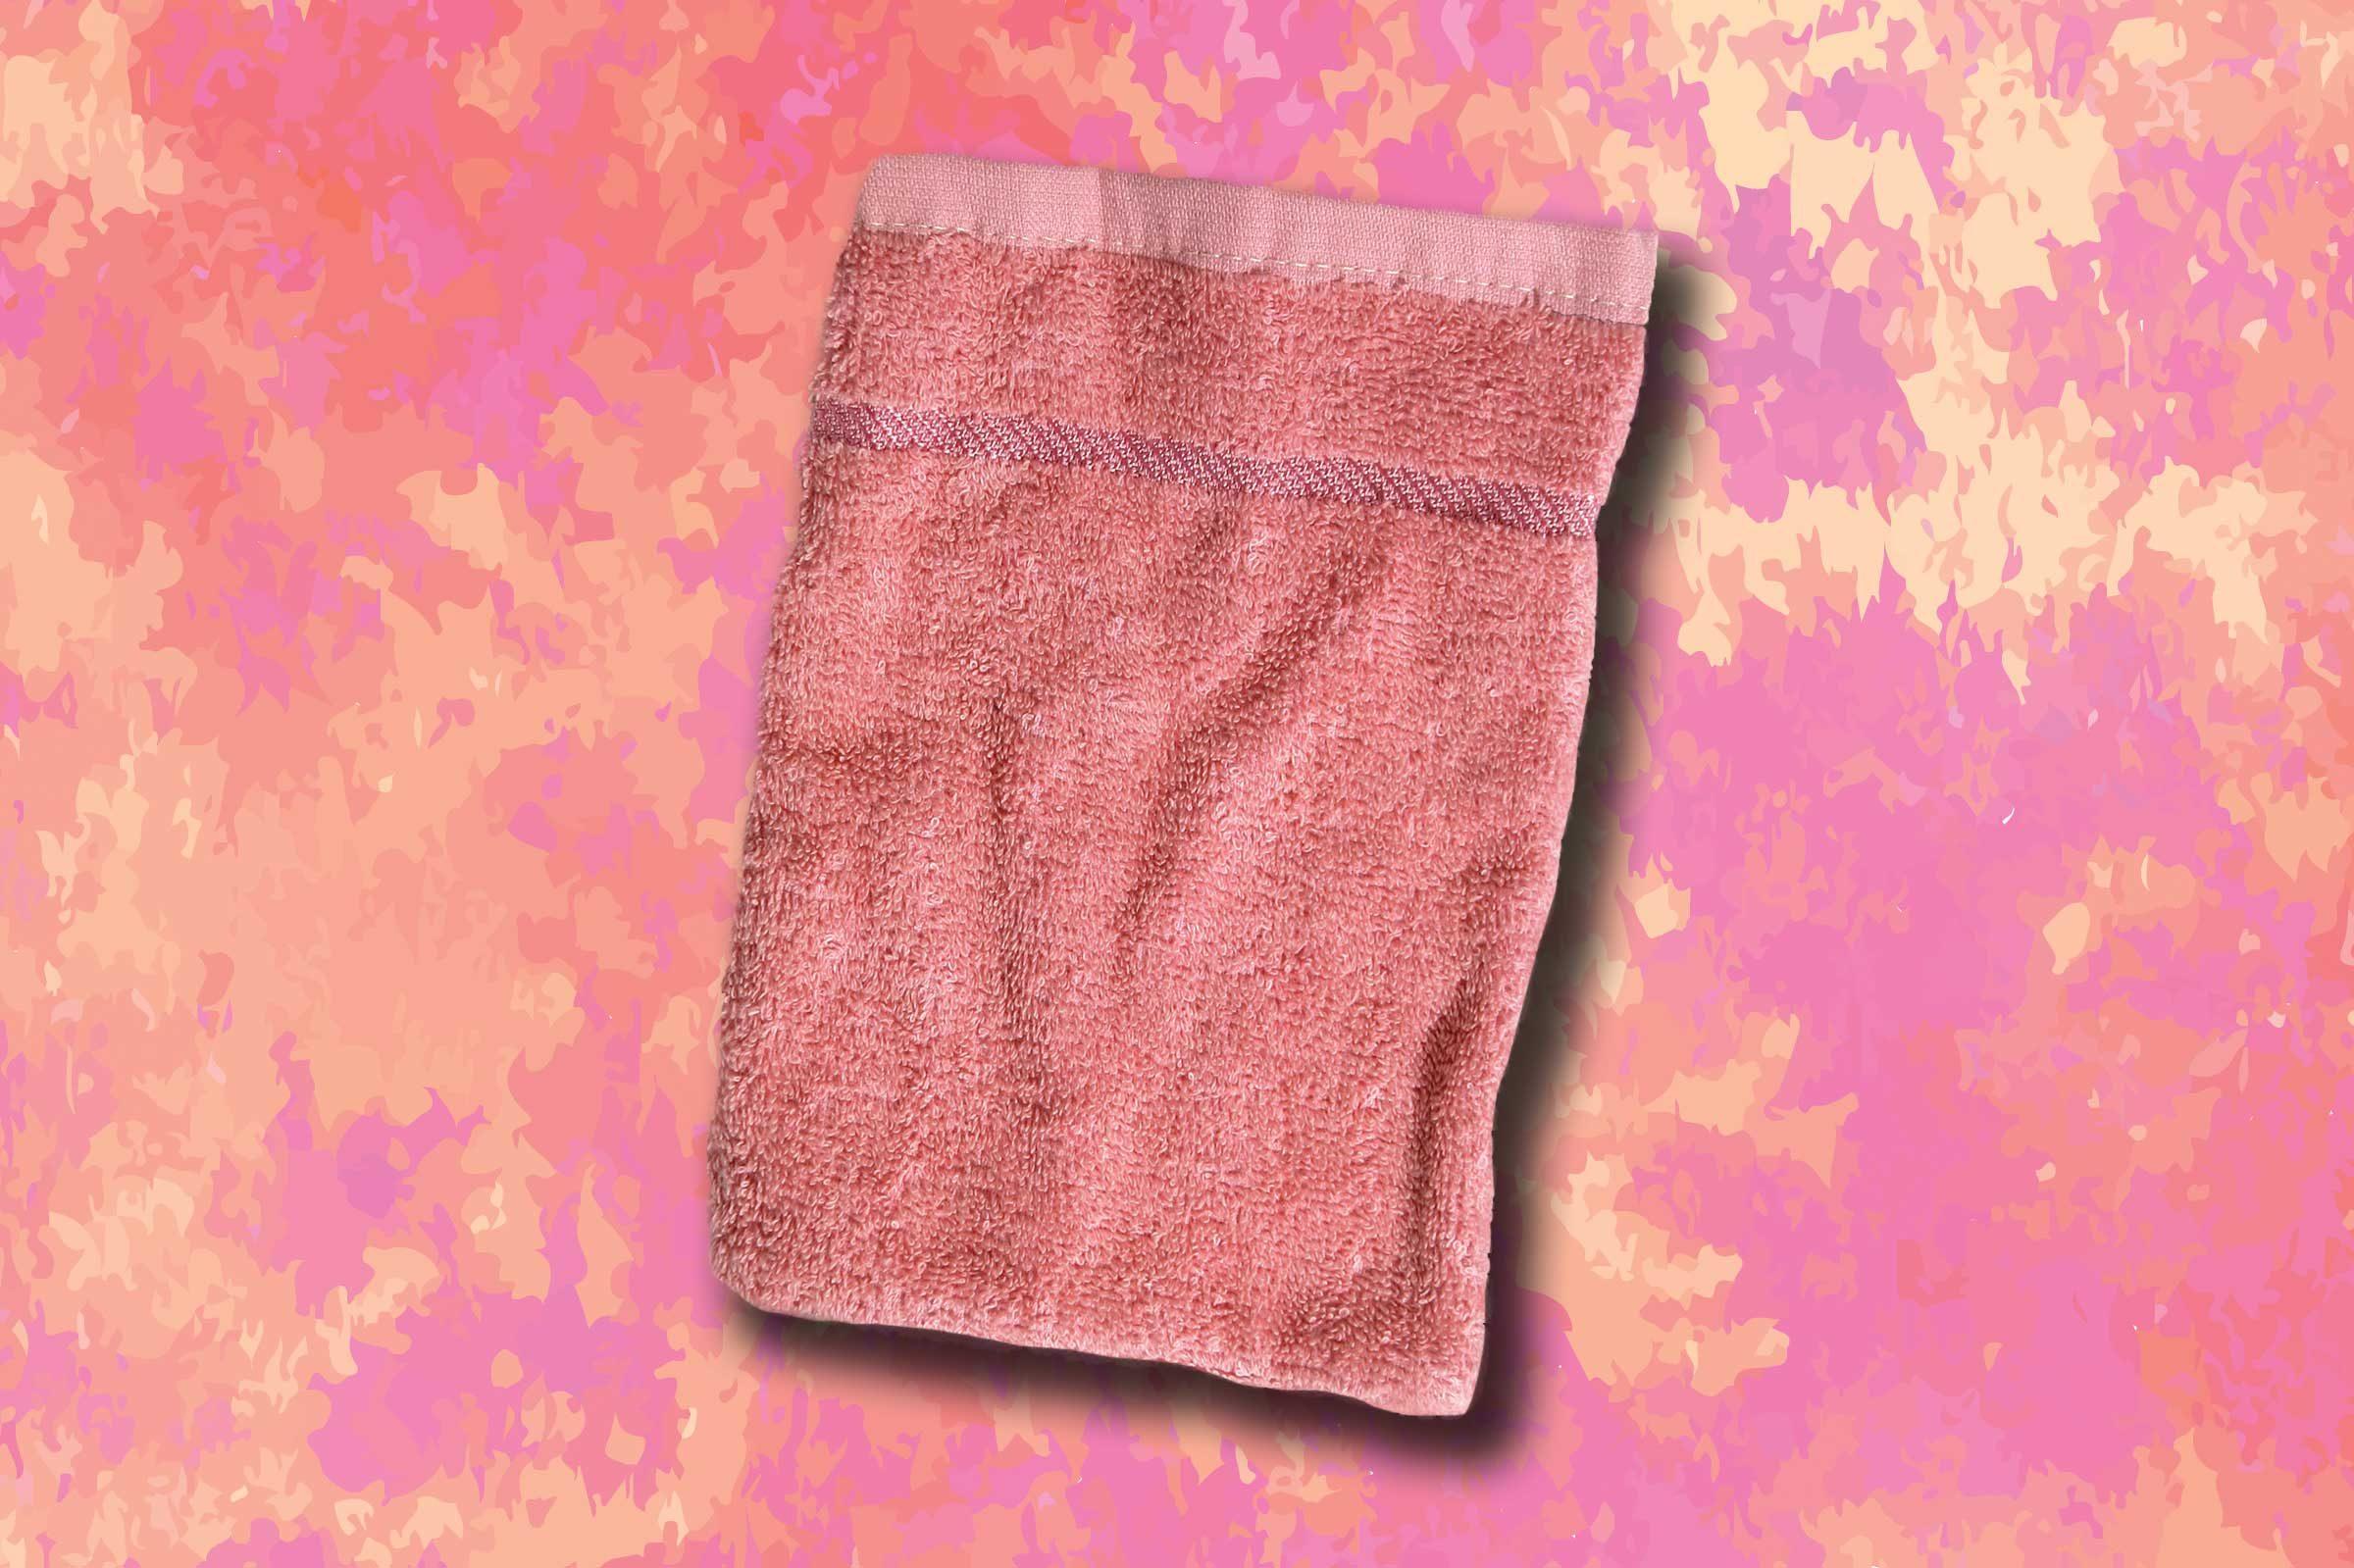 Scrubbing with a washcloth